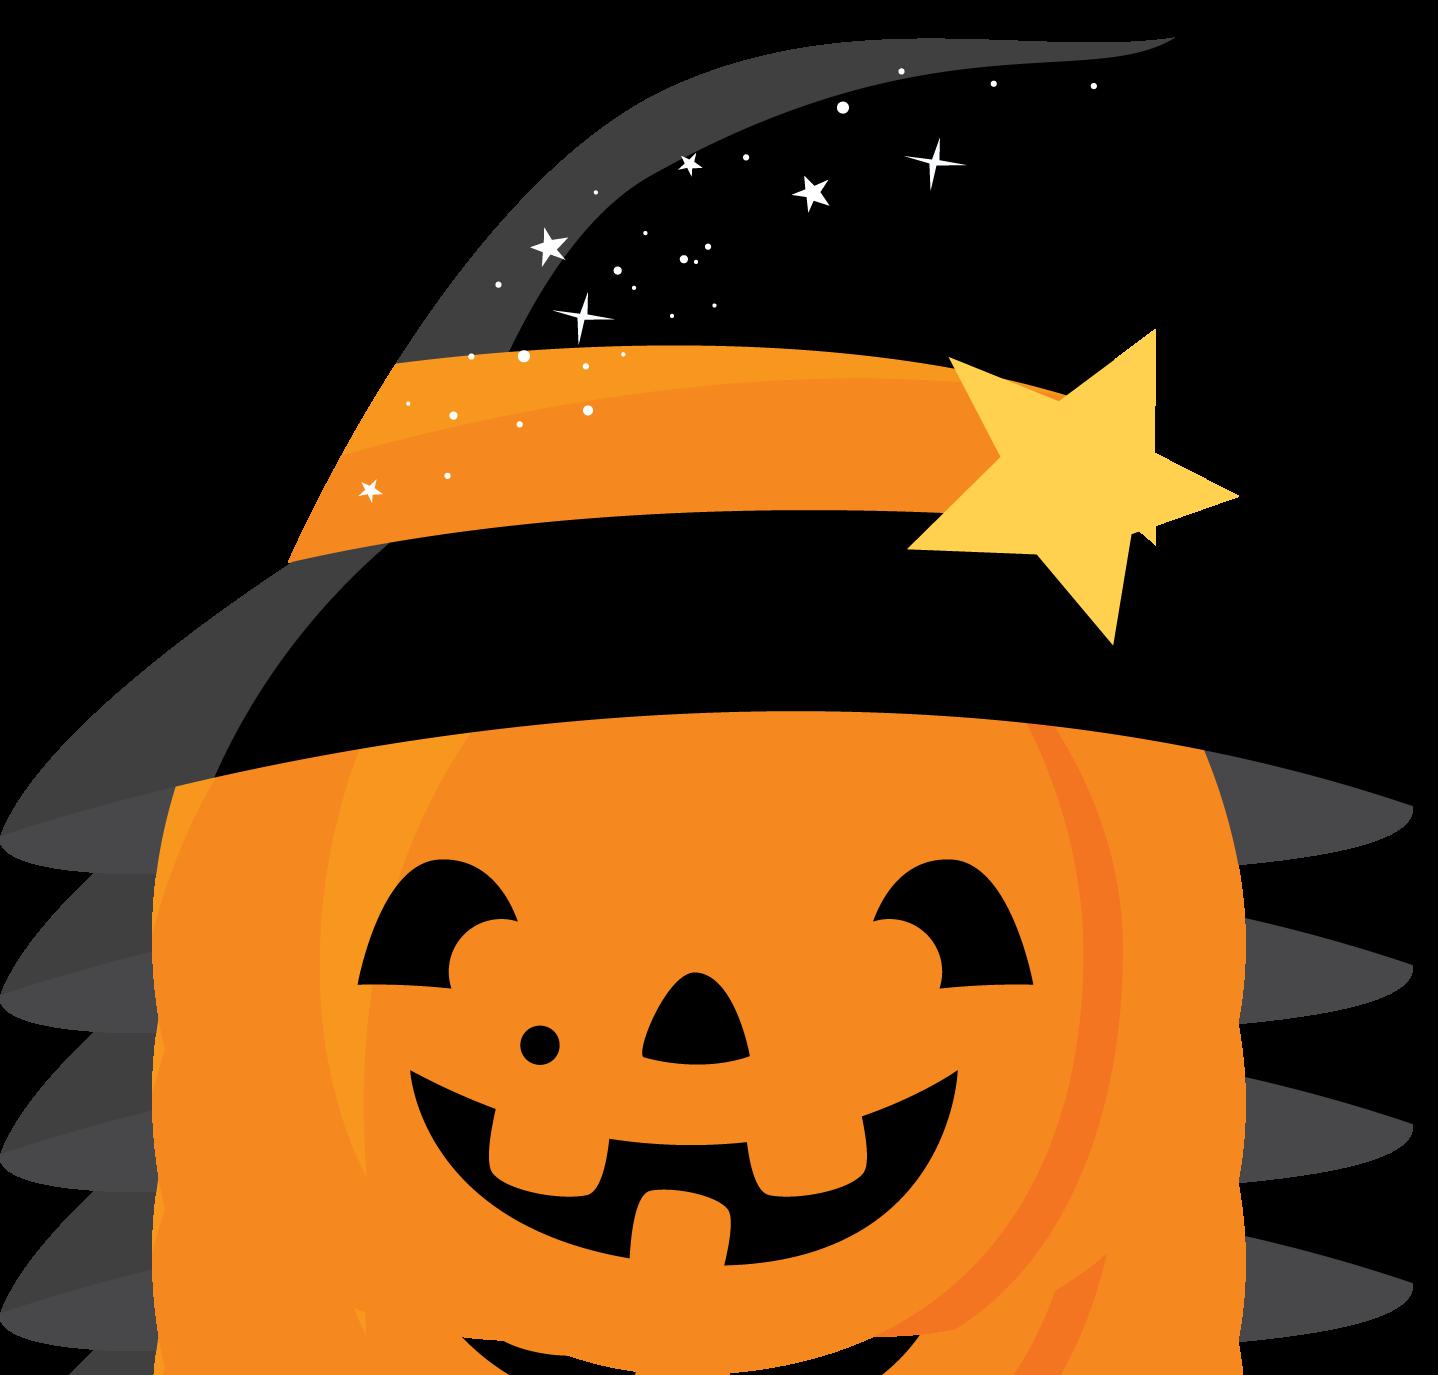 Calabaza con sombrero de bruja clip art pinterest for Halloween pumpkin clipart